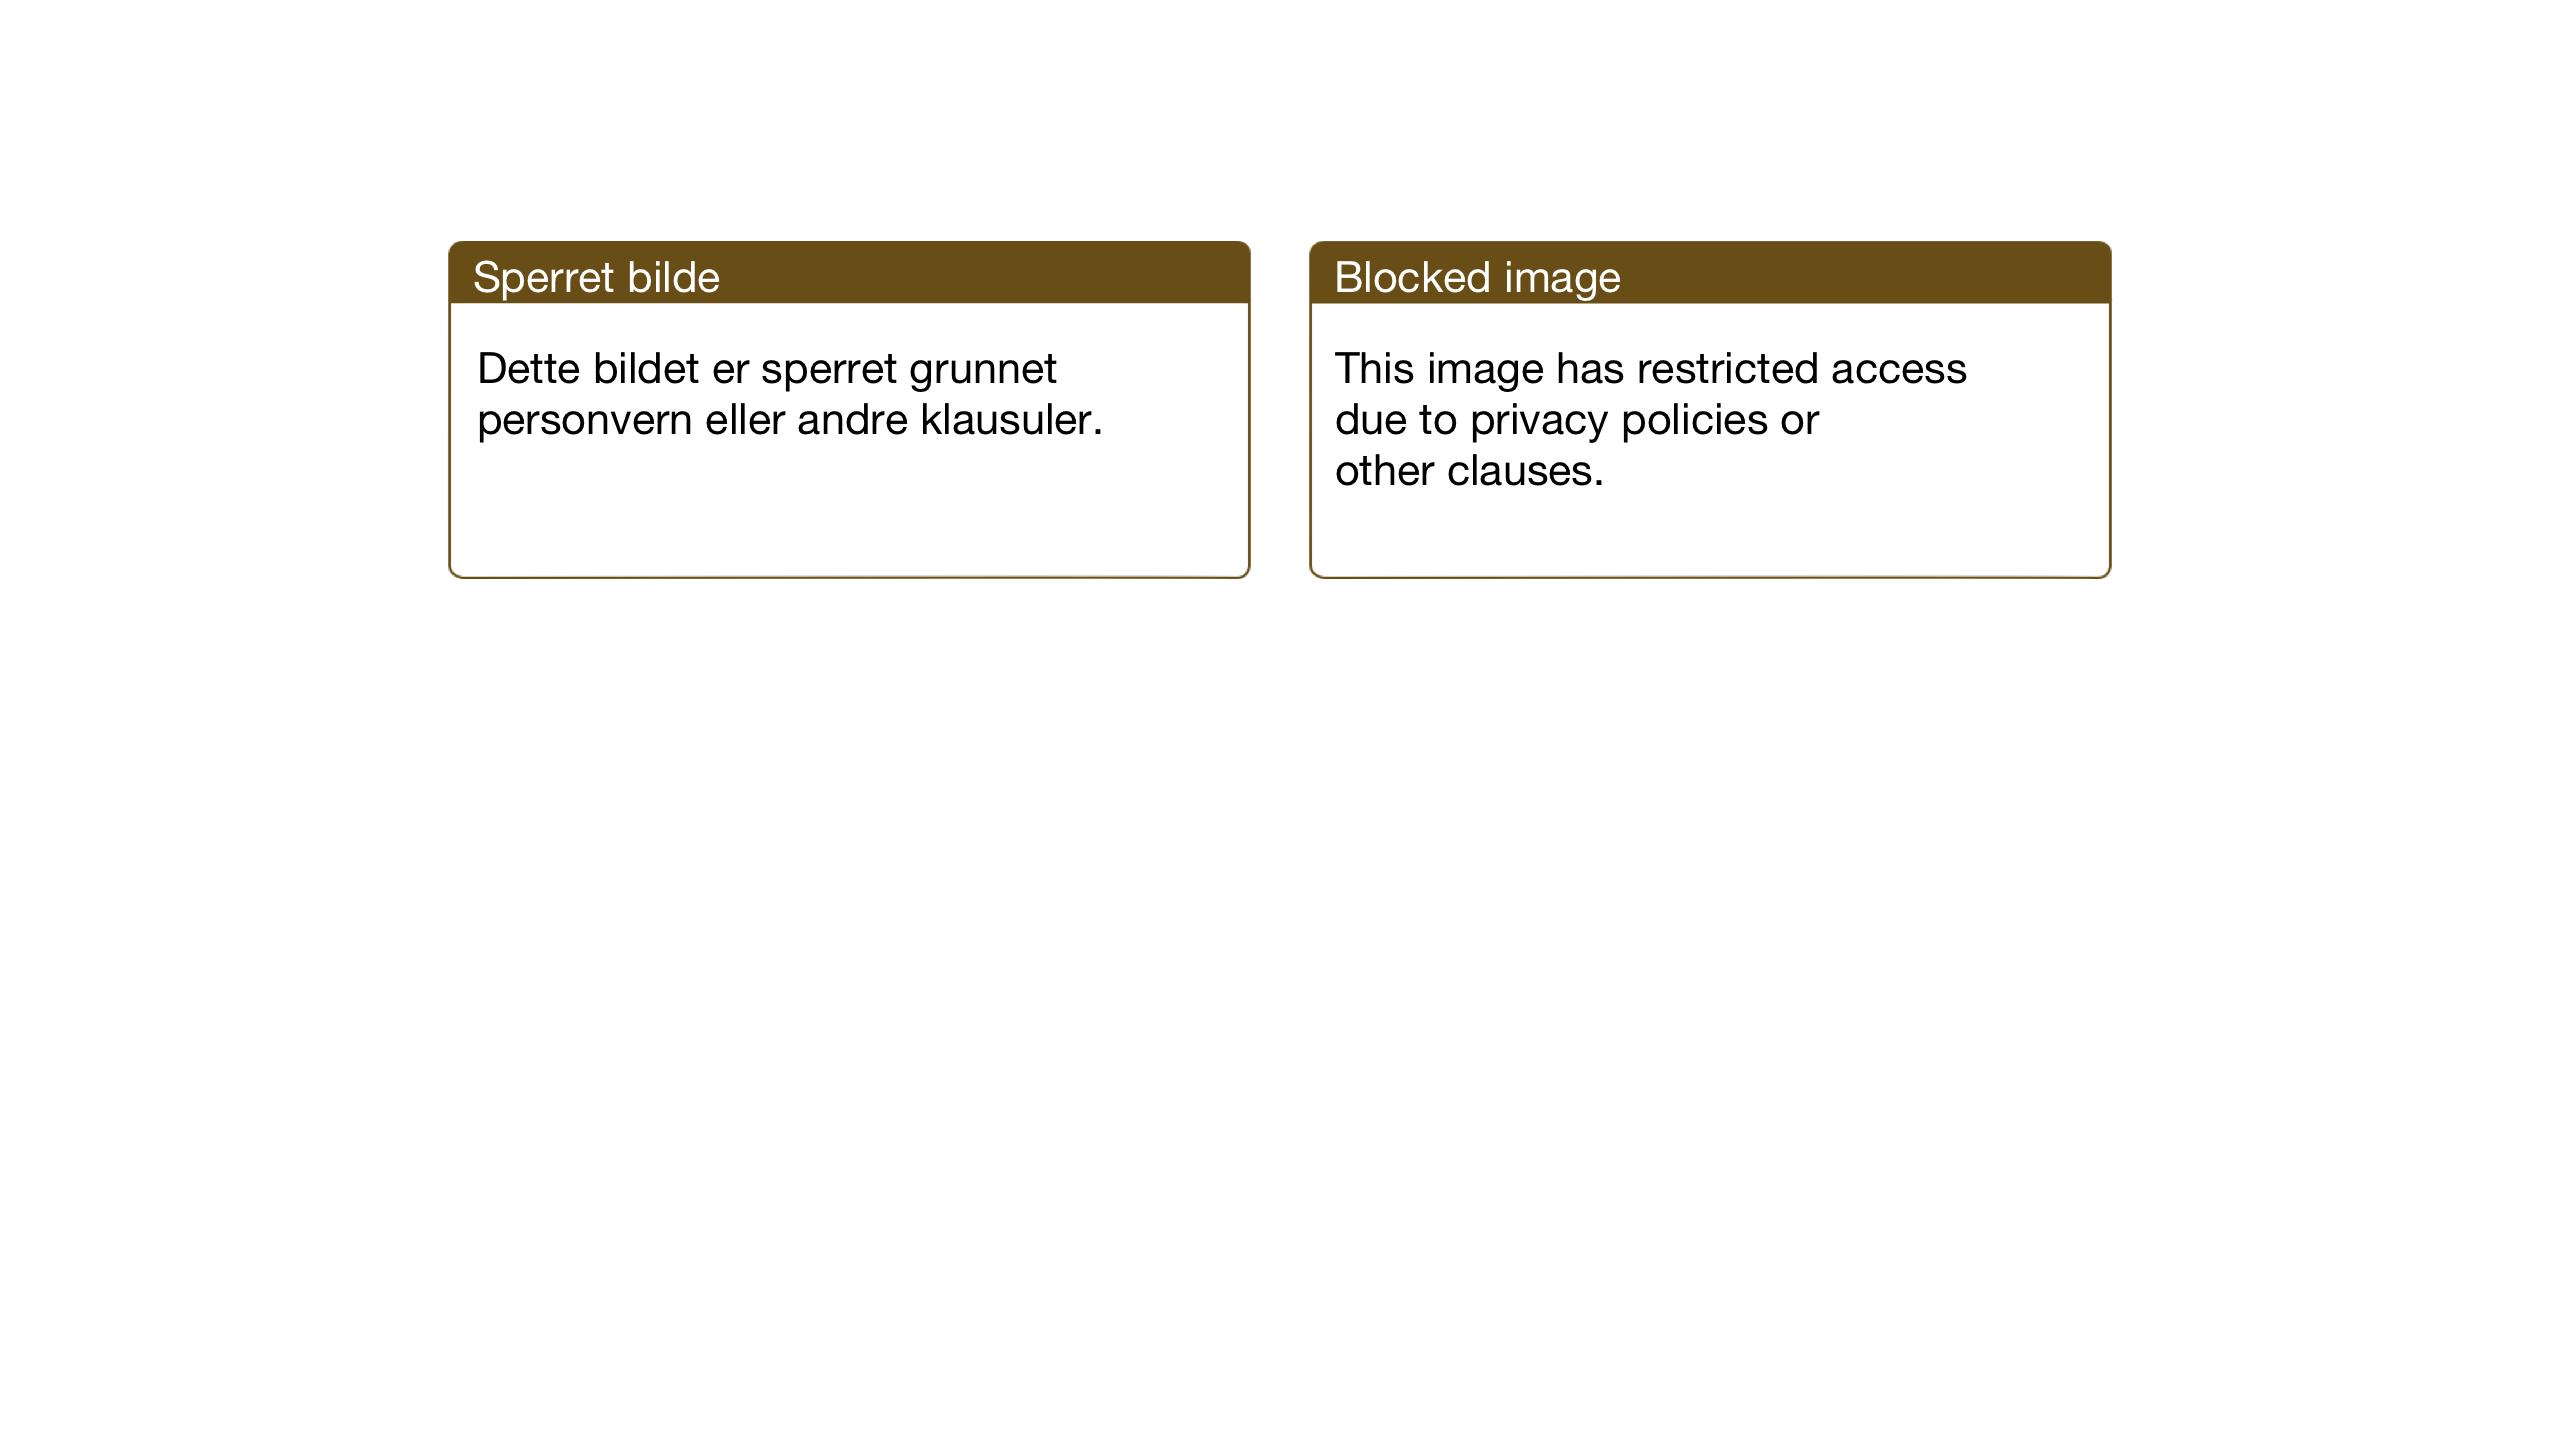 SAT, Ministerialprotokoller, klokkerbøker og fødselsregistre - Sør-Trøndelag, 656/L0696: Klokkerbok nr. 656C02, 1921-1937, s. 37